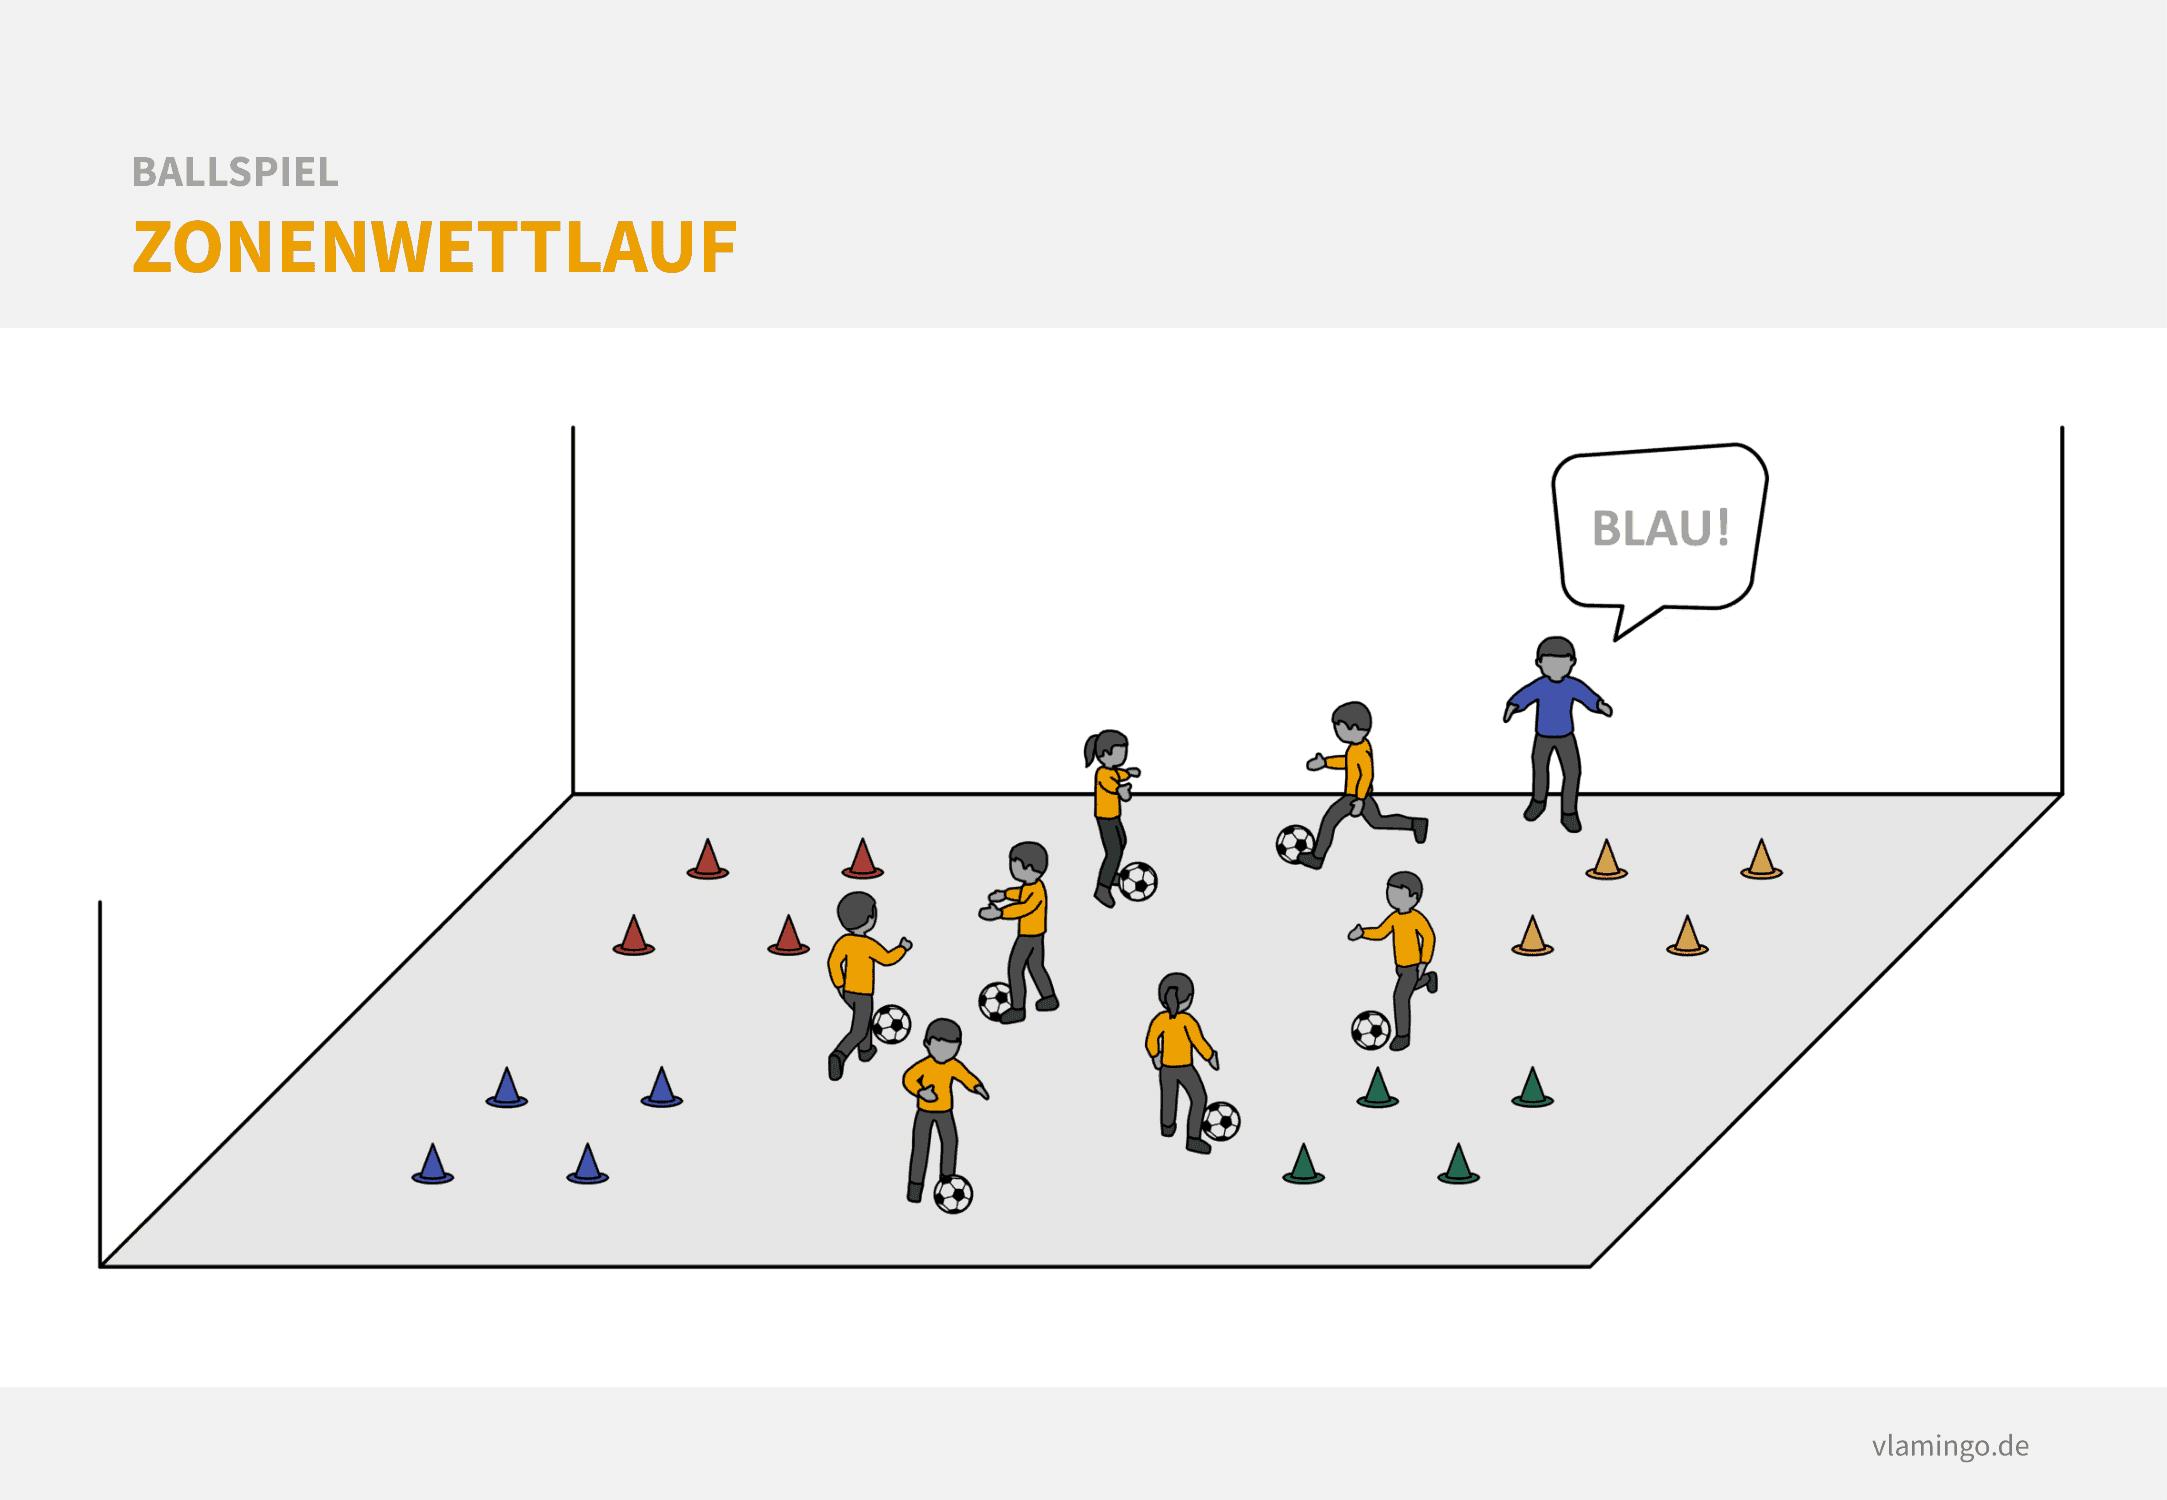 Fußball Aufwärmspiel: Zonenwettlauf